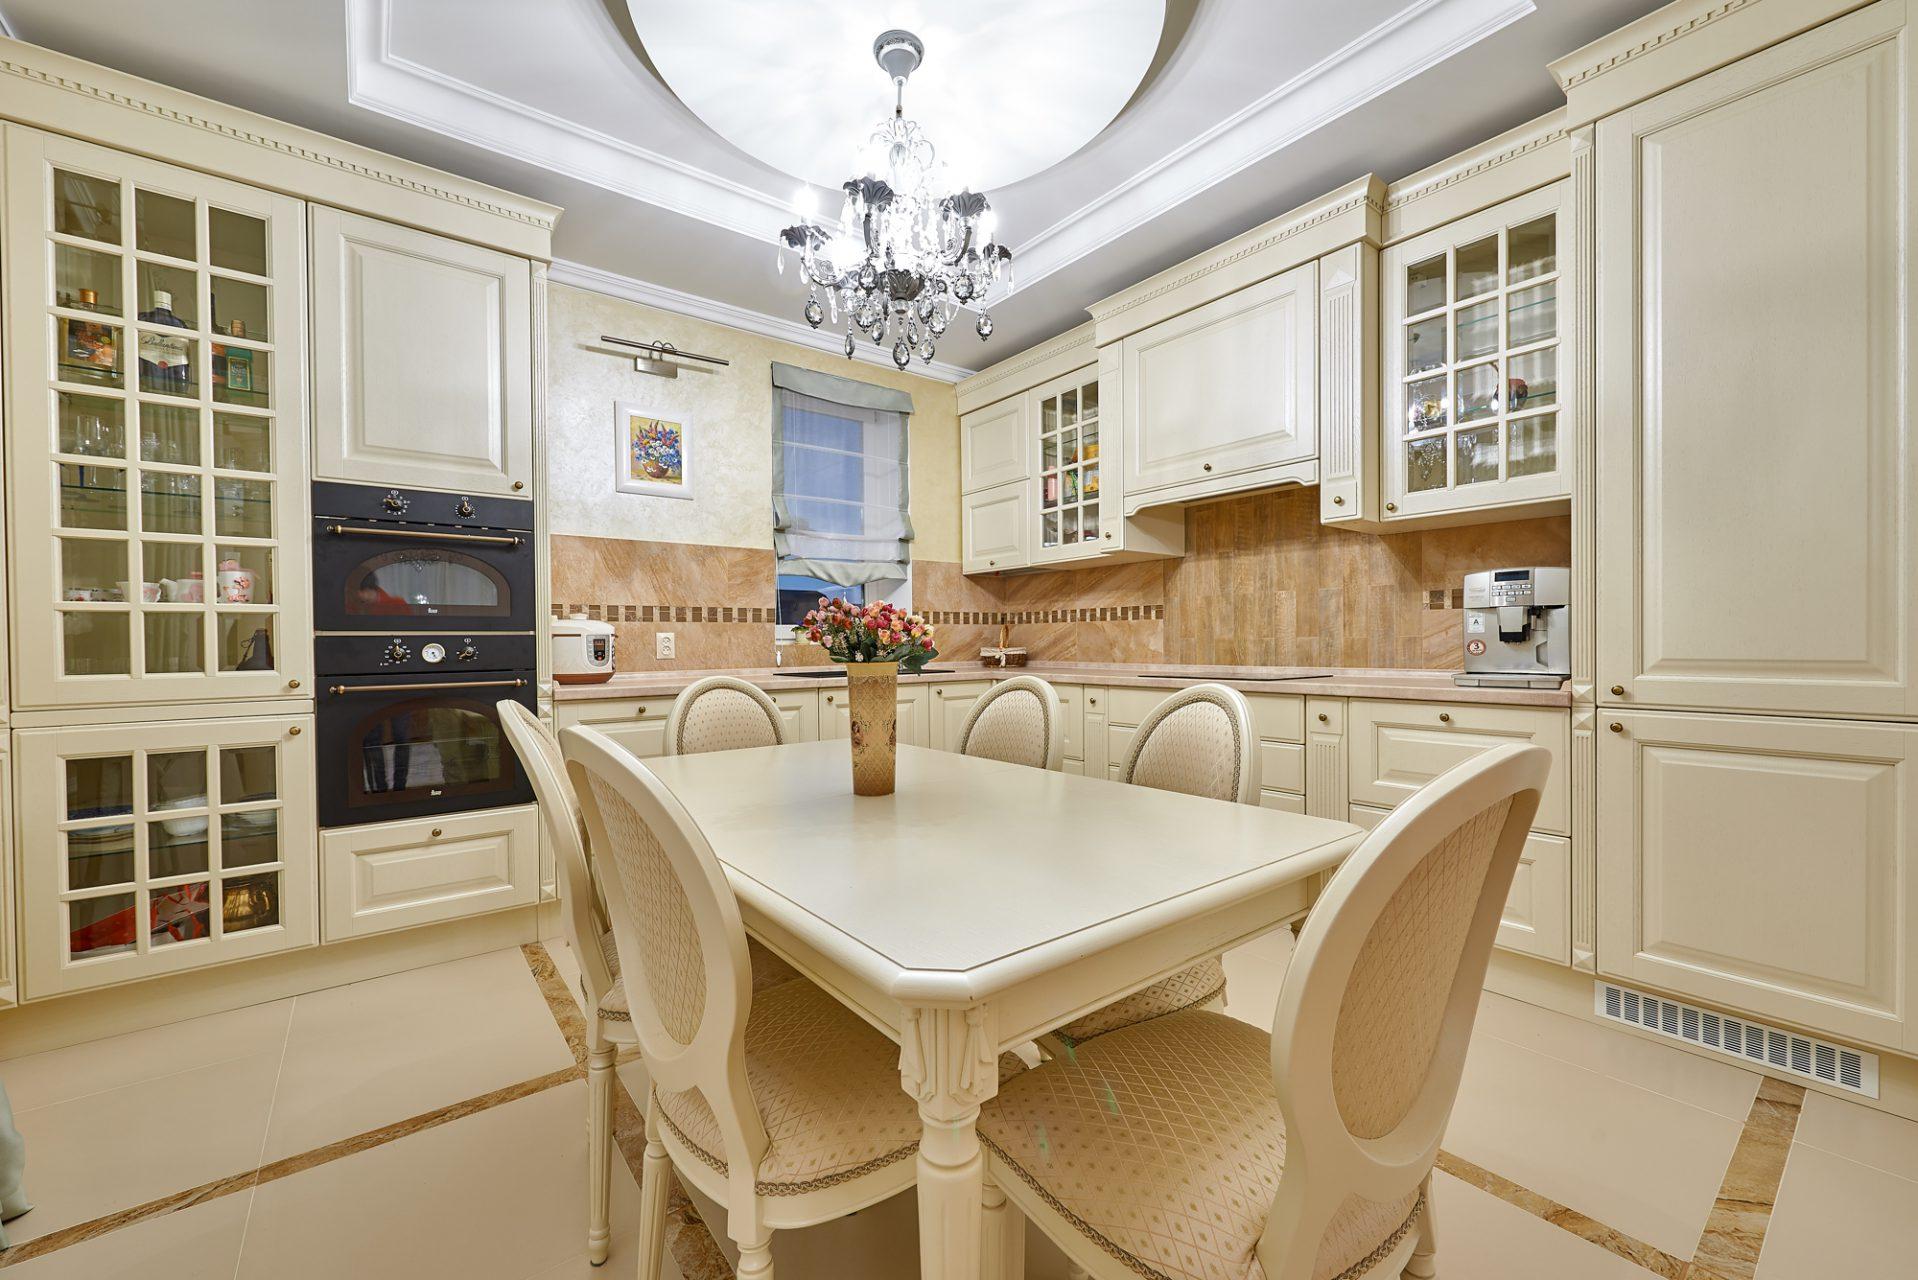 008_interior_kitchen3_korneychikeu